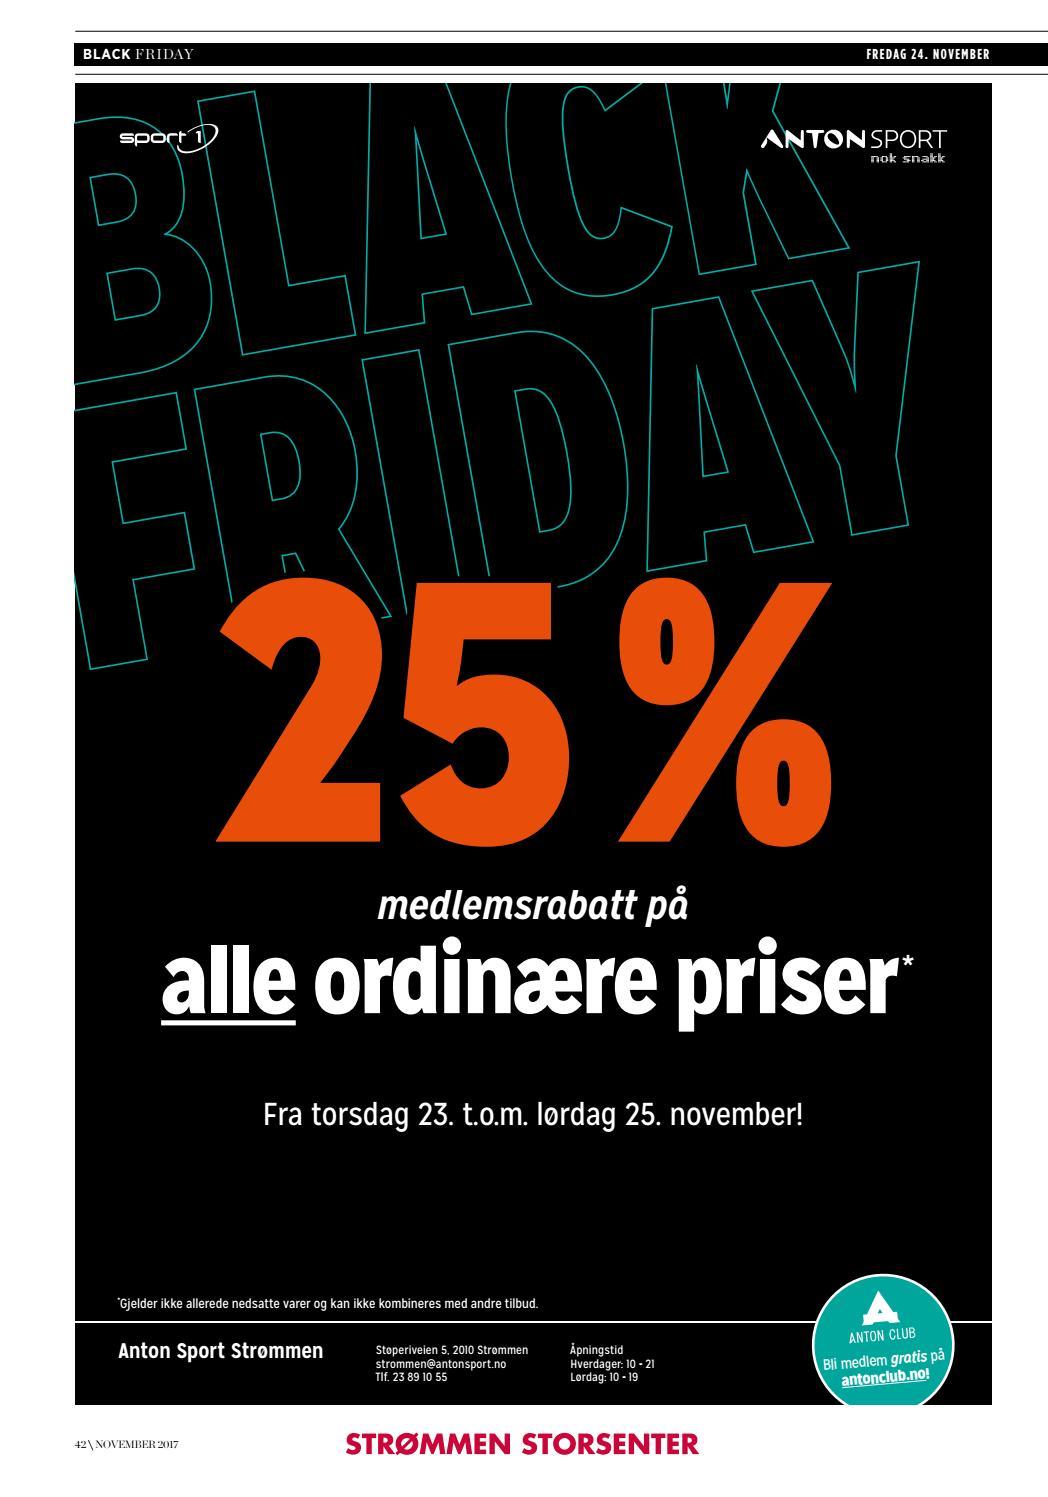 a84c9c772 Black friday by Strømmen Storsenter - issuu